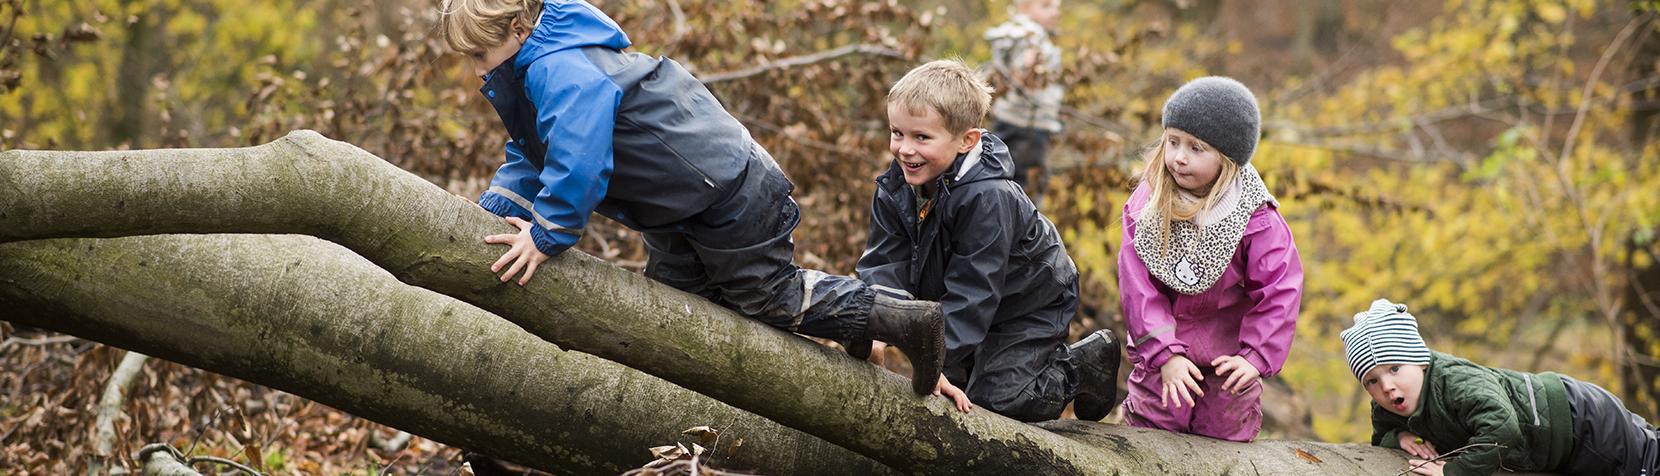 Børn kravler på væltet træ